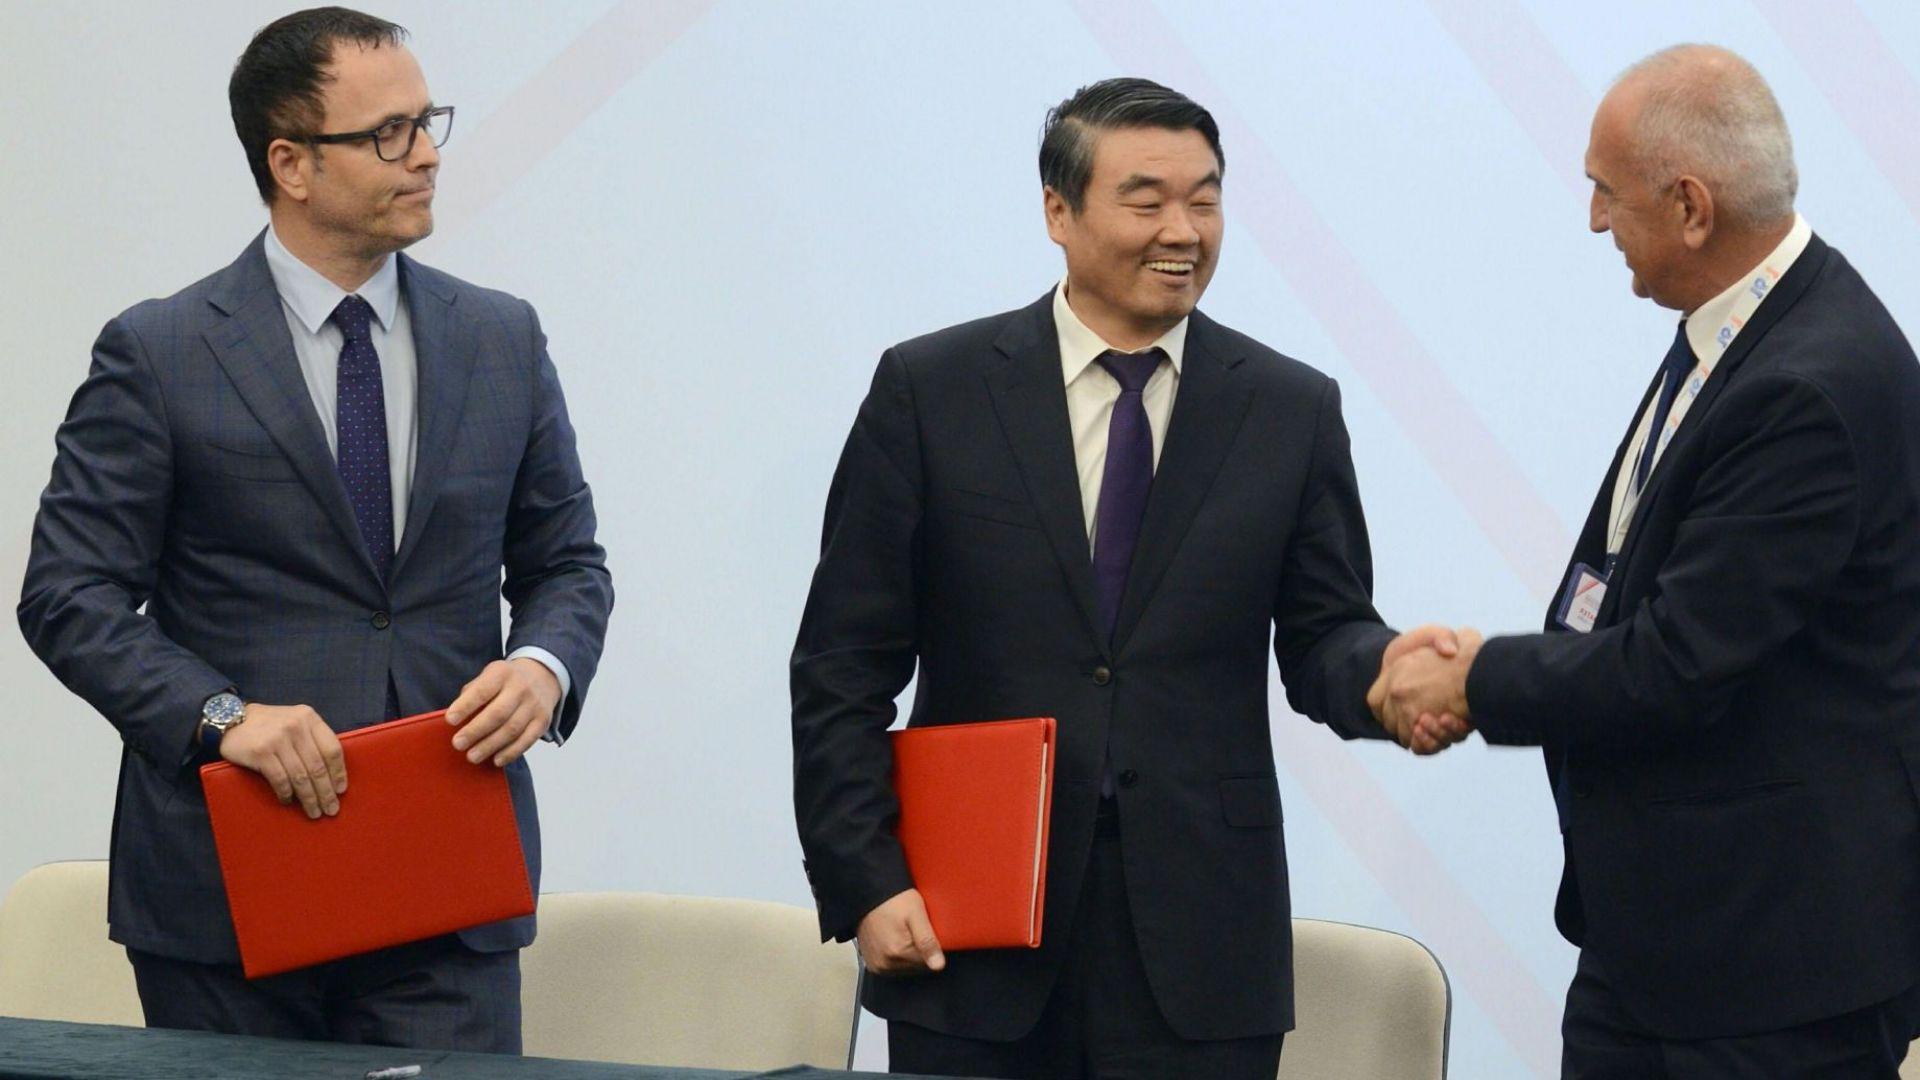 Стоян Мавродиев: Споразумението с Китай за 1,5 млрд. евро  е сериозен шанс за развитие на икономиката ни